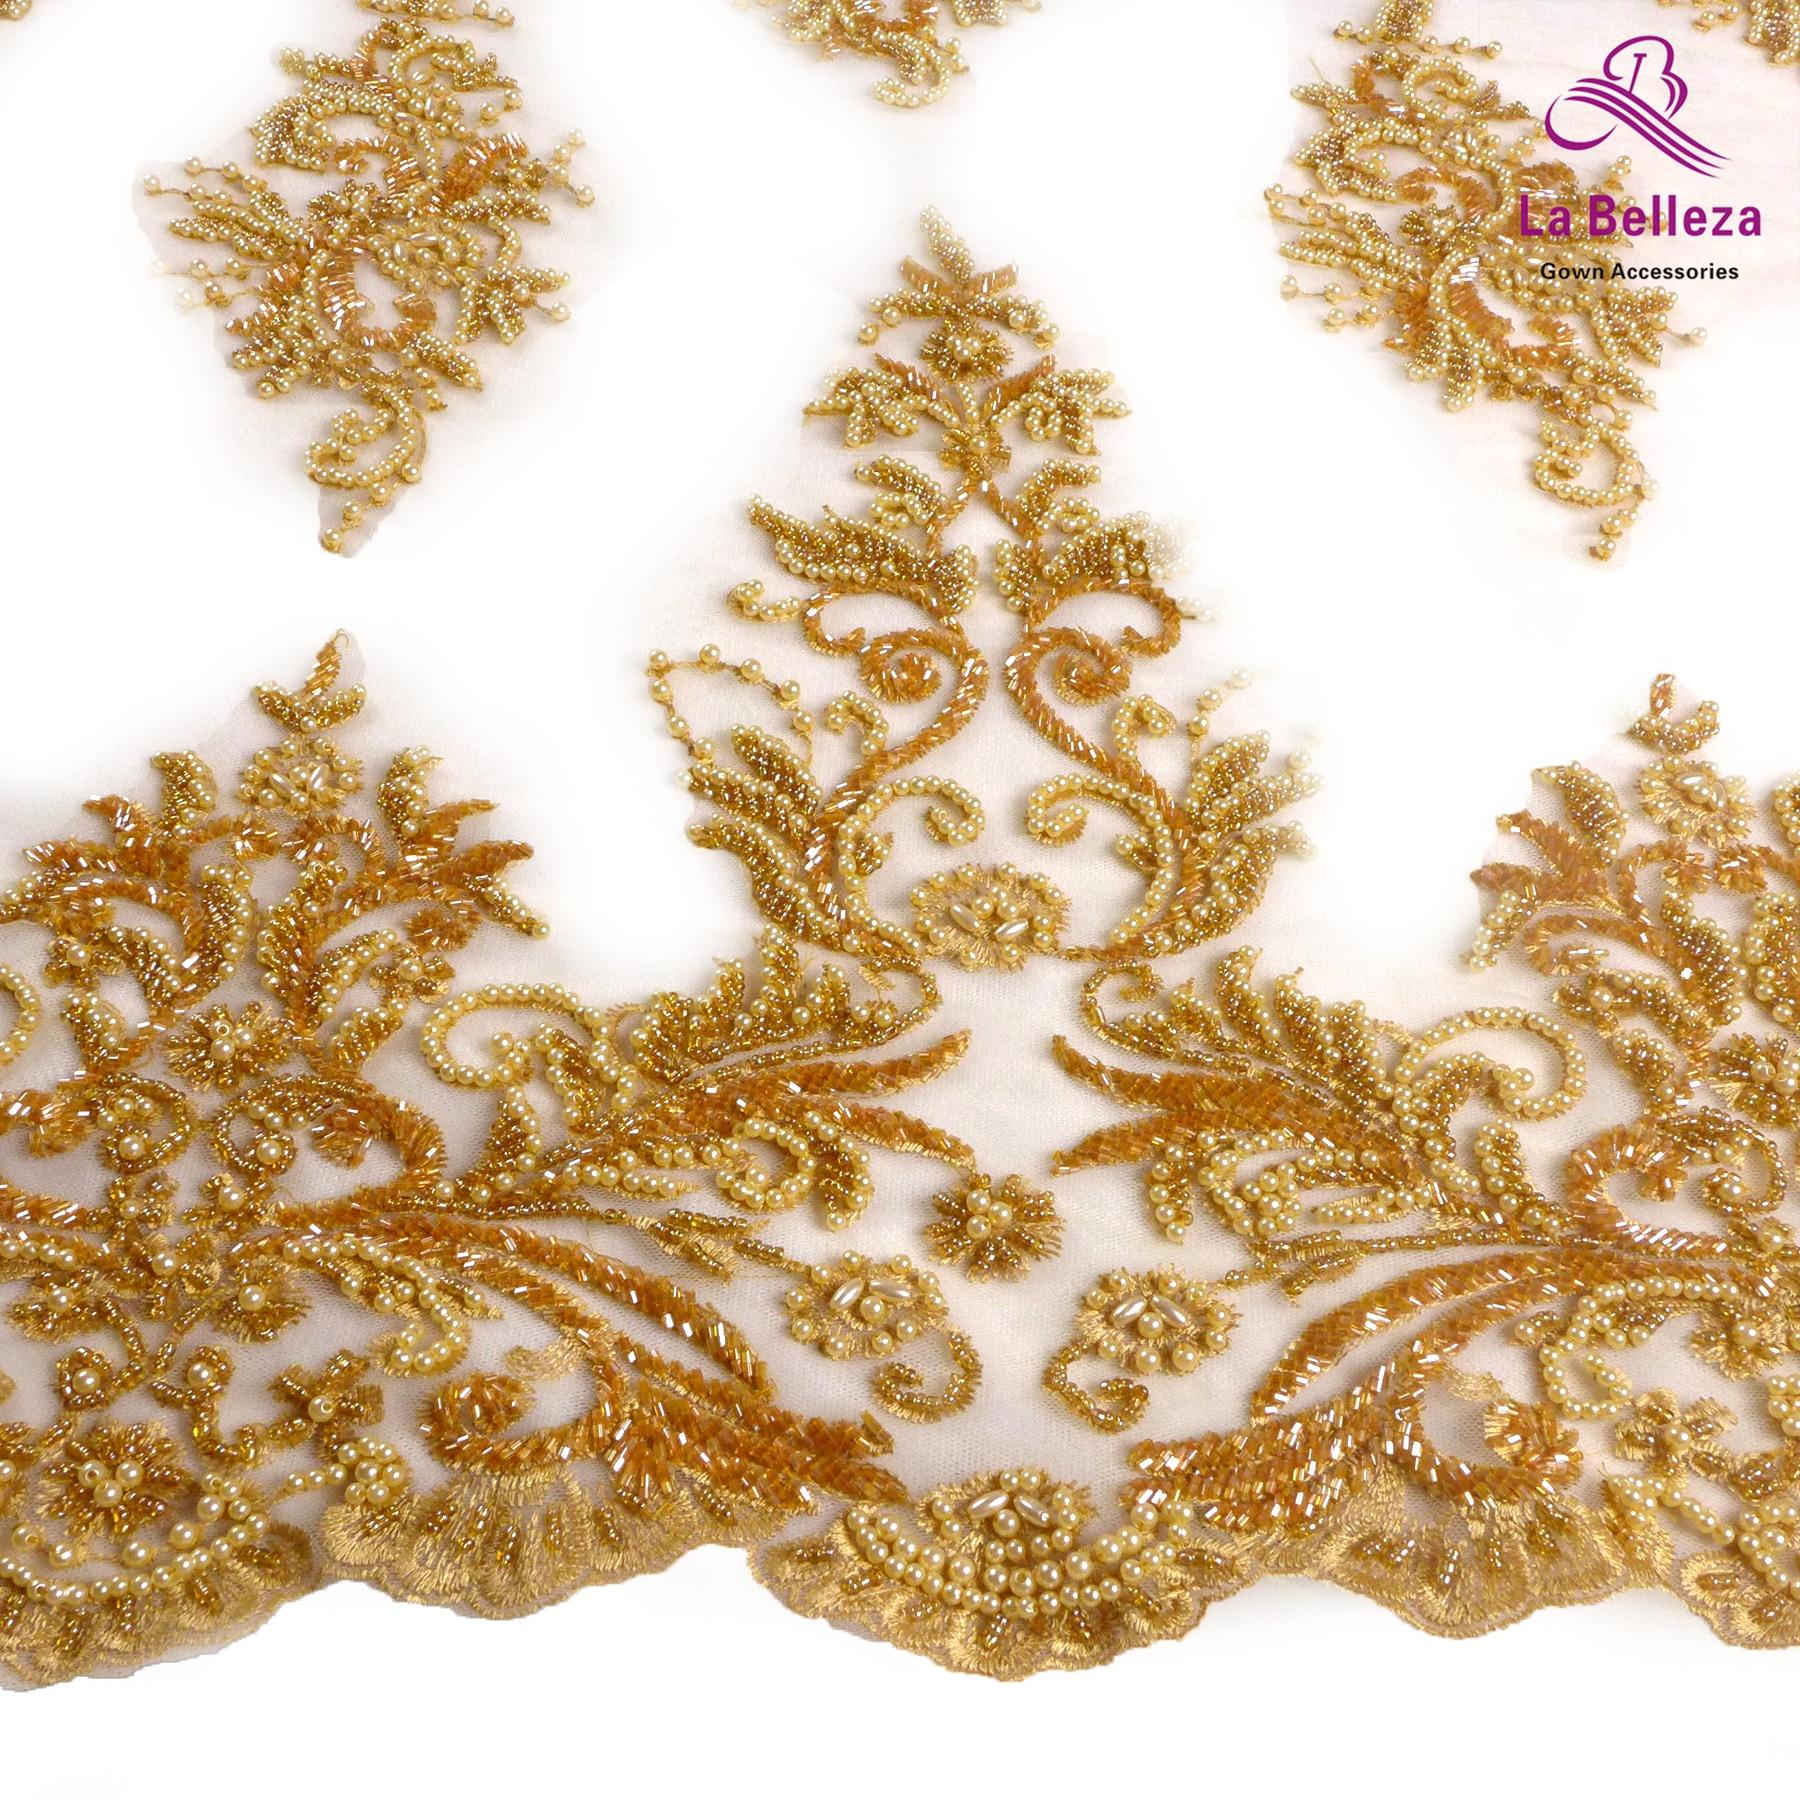 لا بيليزا الأصلي مطرز أقمشة الدانتيل ، الذهب الأرجواني العاج الأسود الثقيلة اليدوية ثوب جديد اكسسوارات 1 ياردة